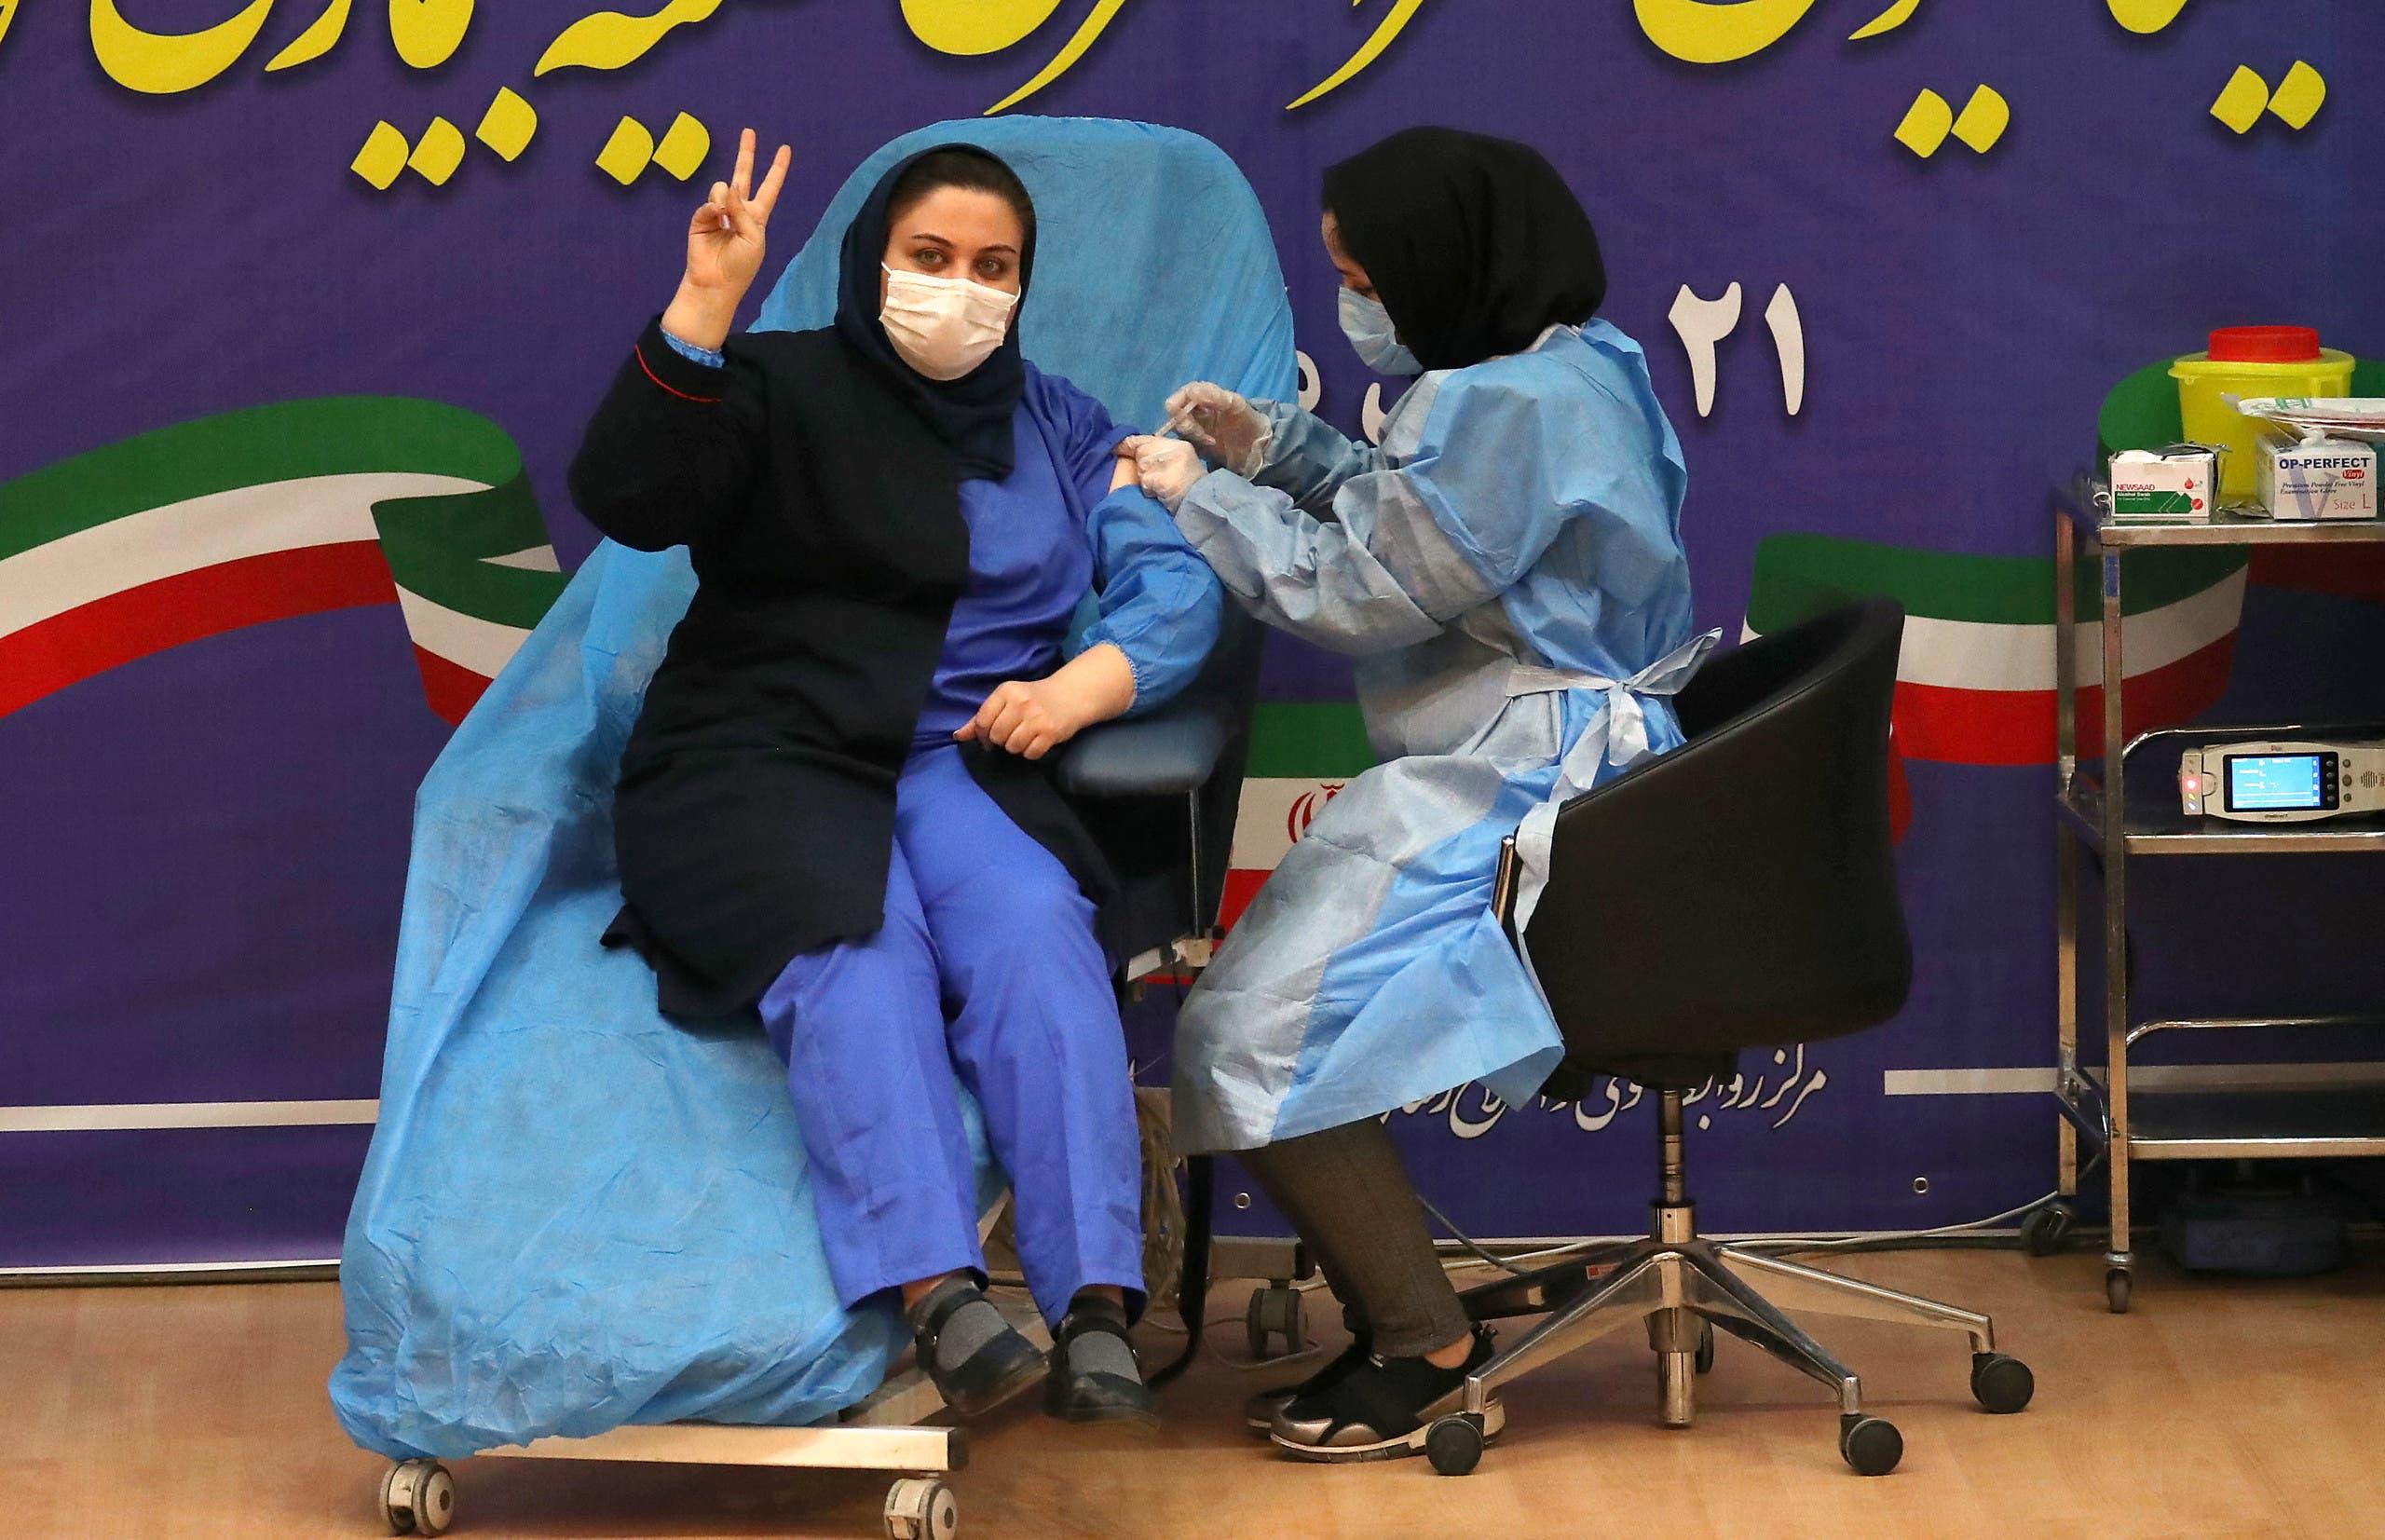 من حملة التطعيم ضد كورونا في إيران